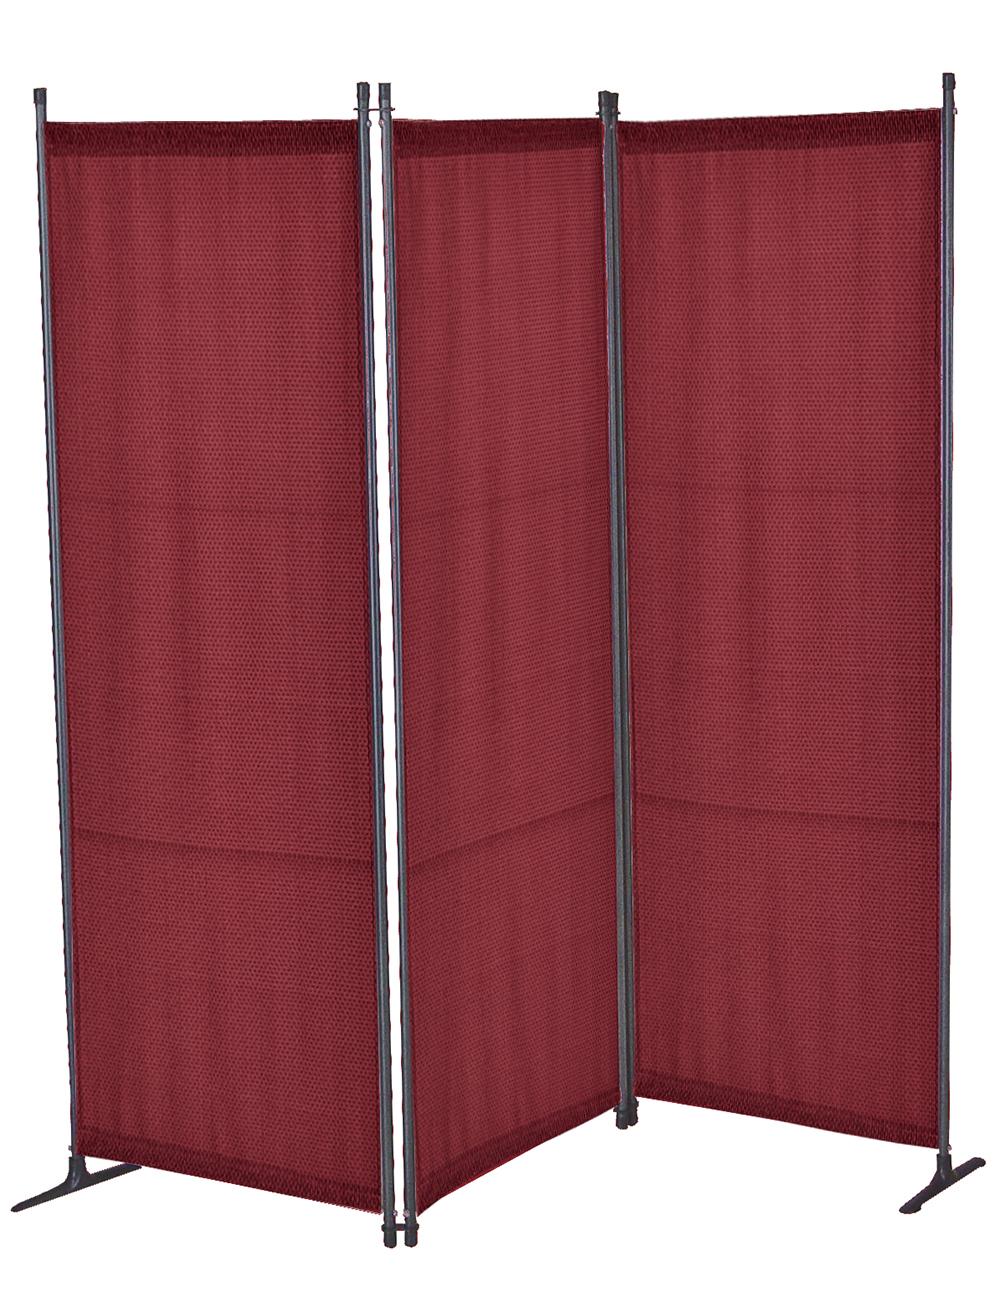 paravent bordeaux 165 x 165 cm. Black Bedroom Furniture Sets. Home Design Ideas